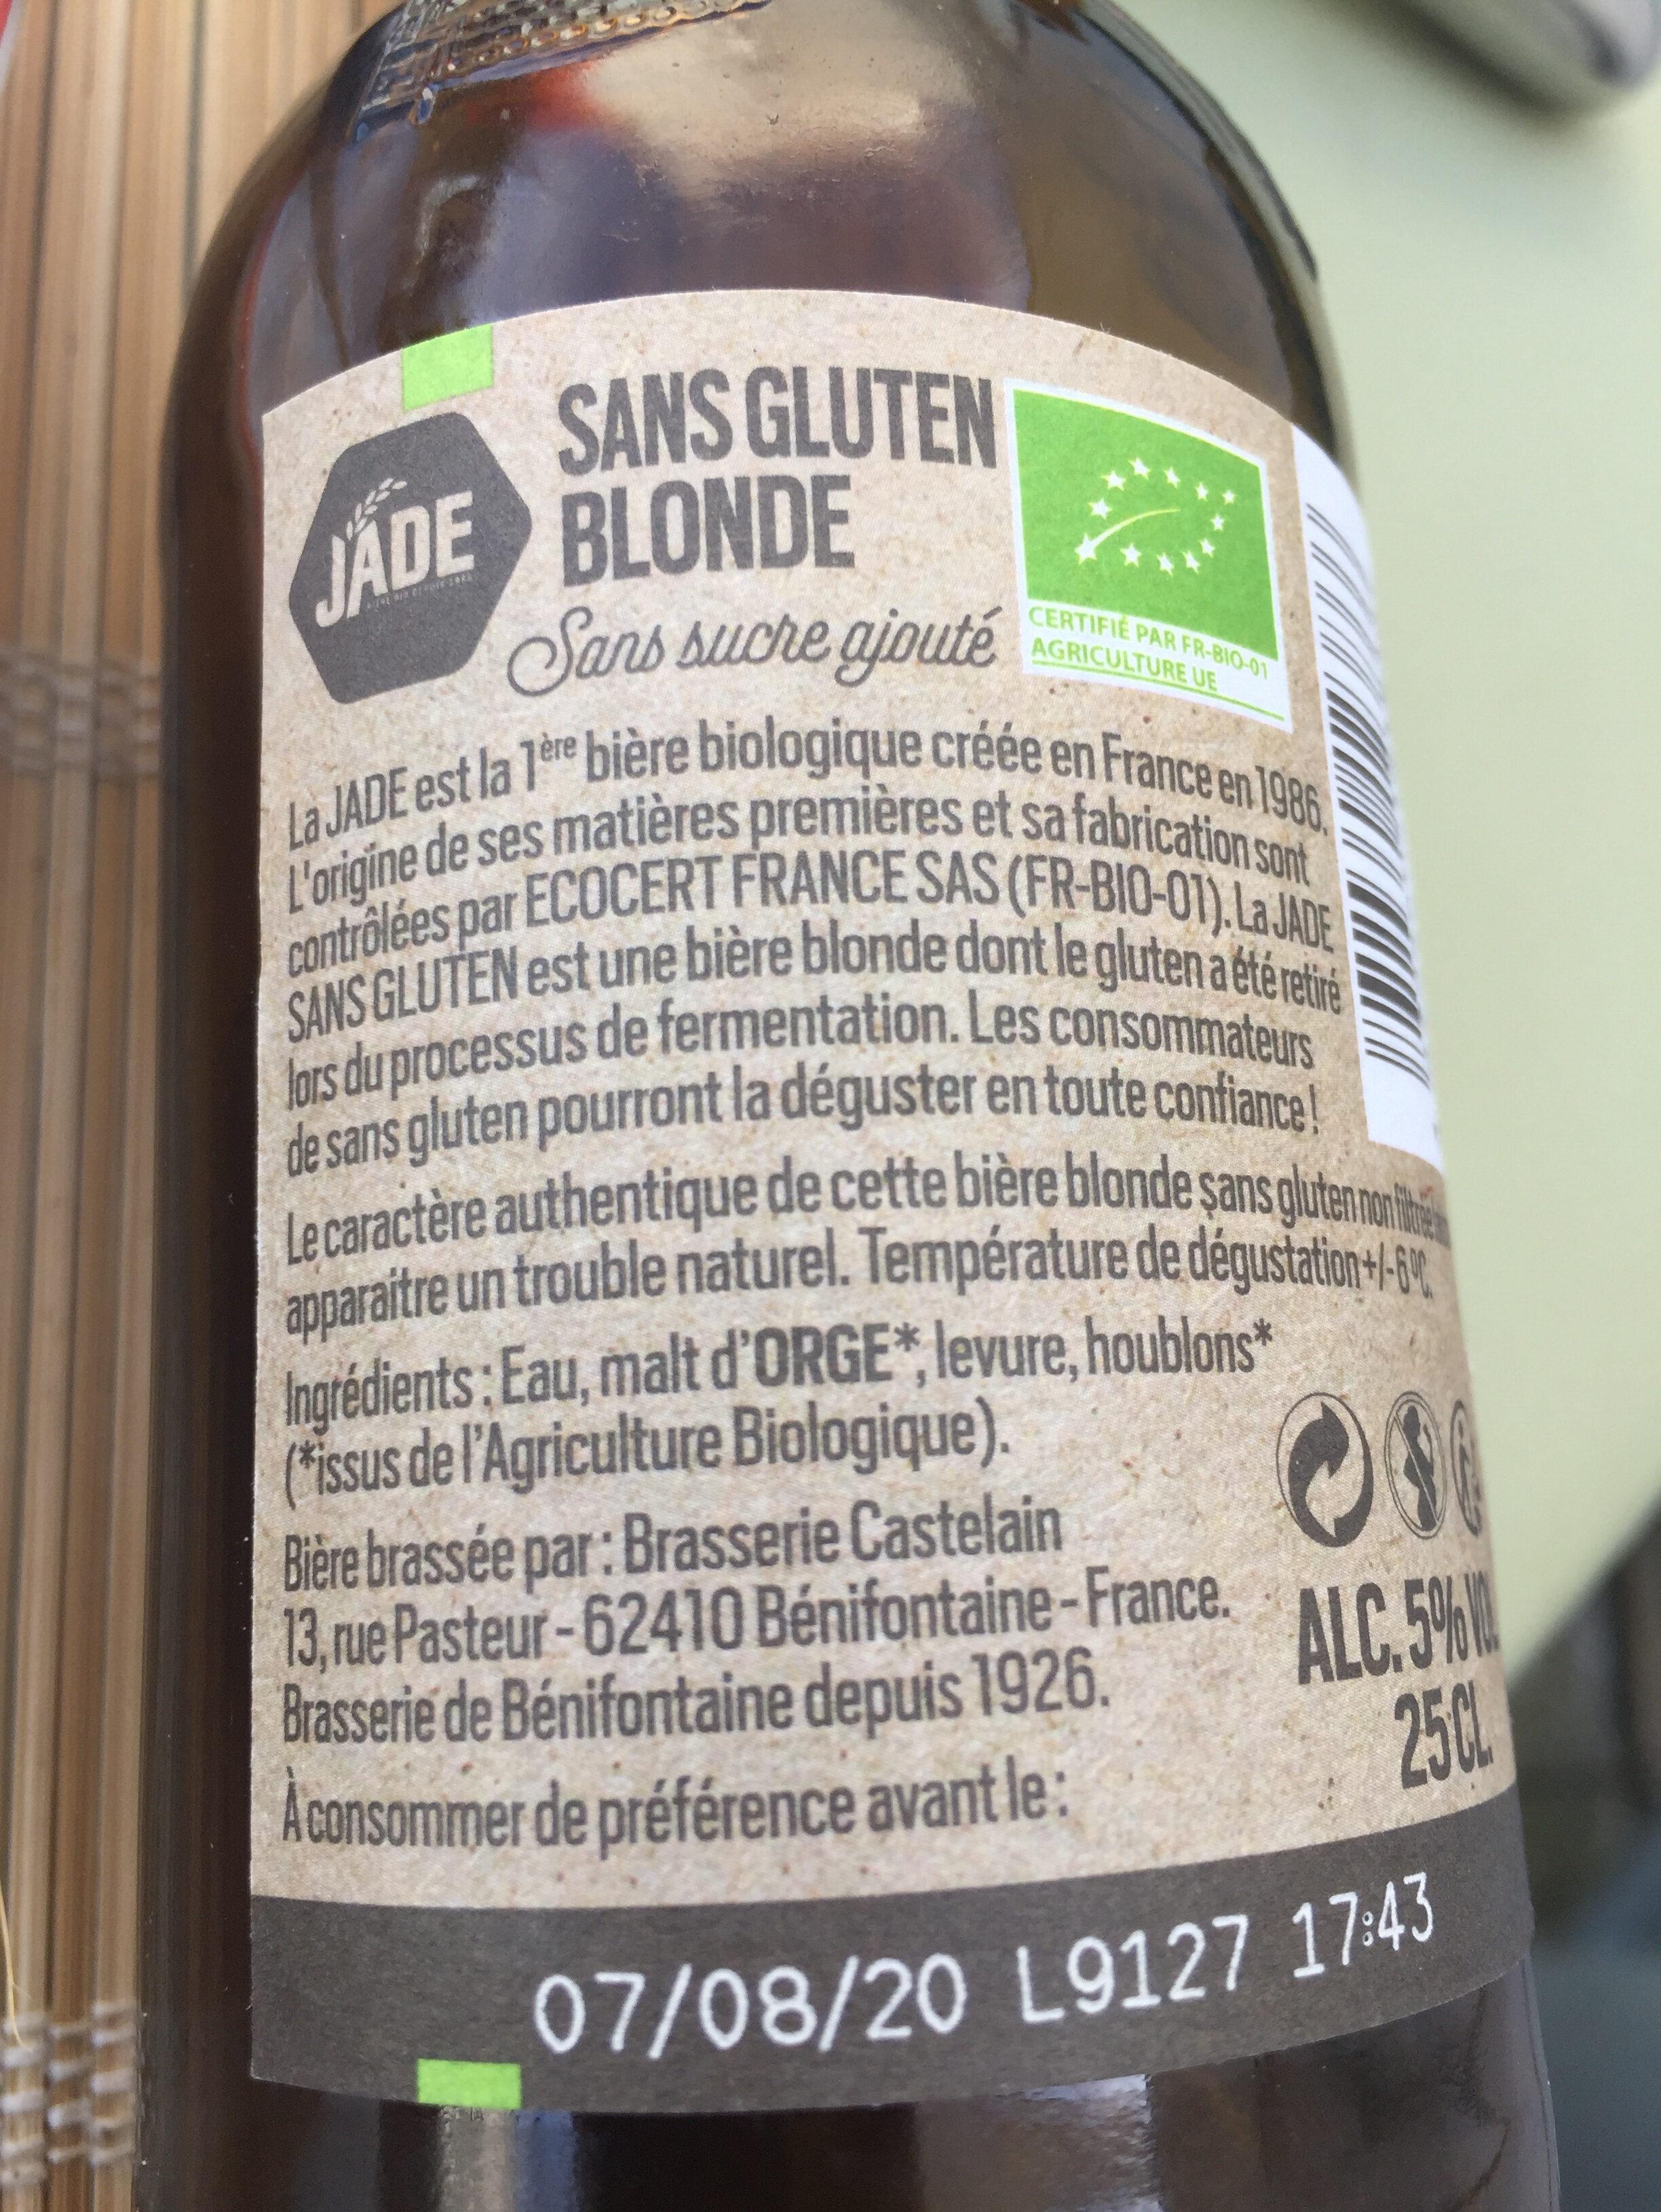 Biere blonde sans gluten - Ingrediënten